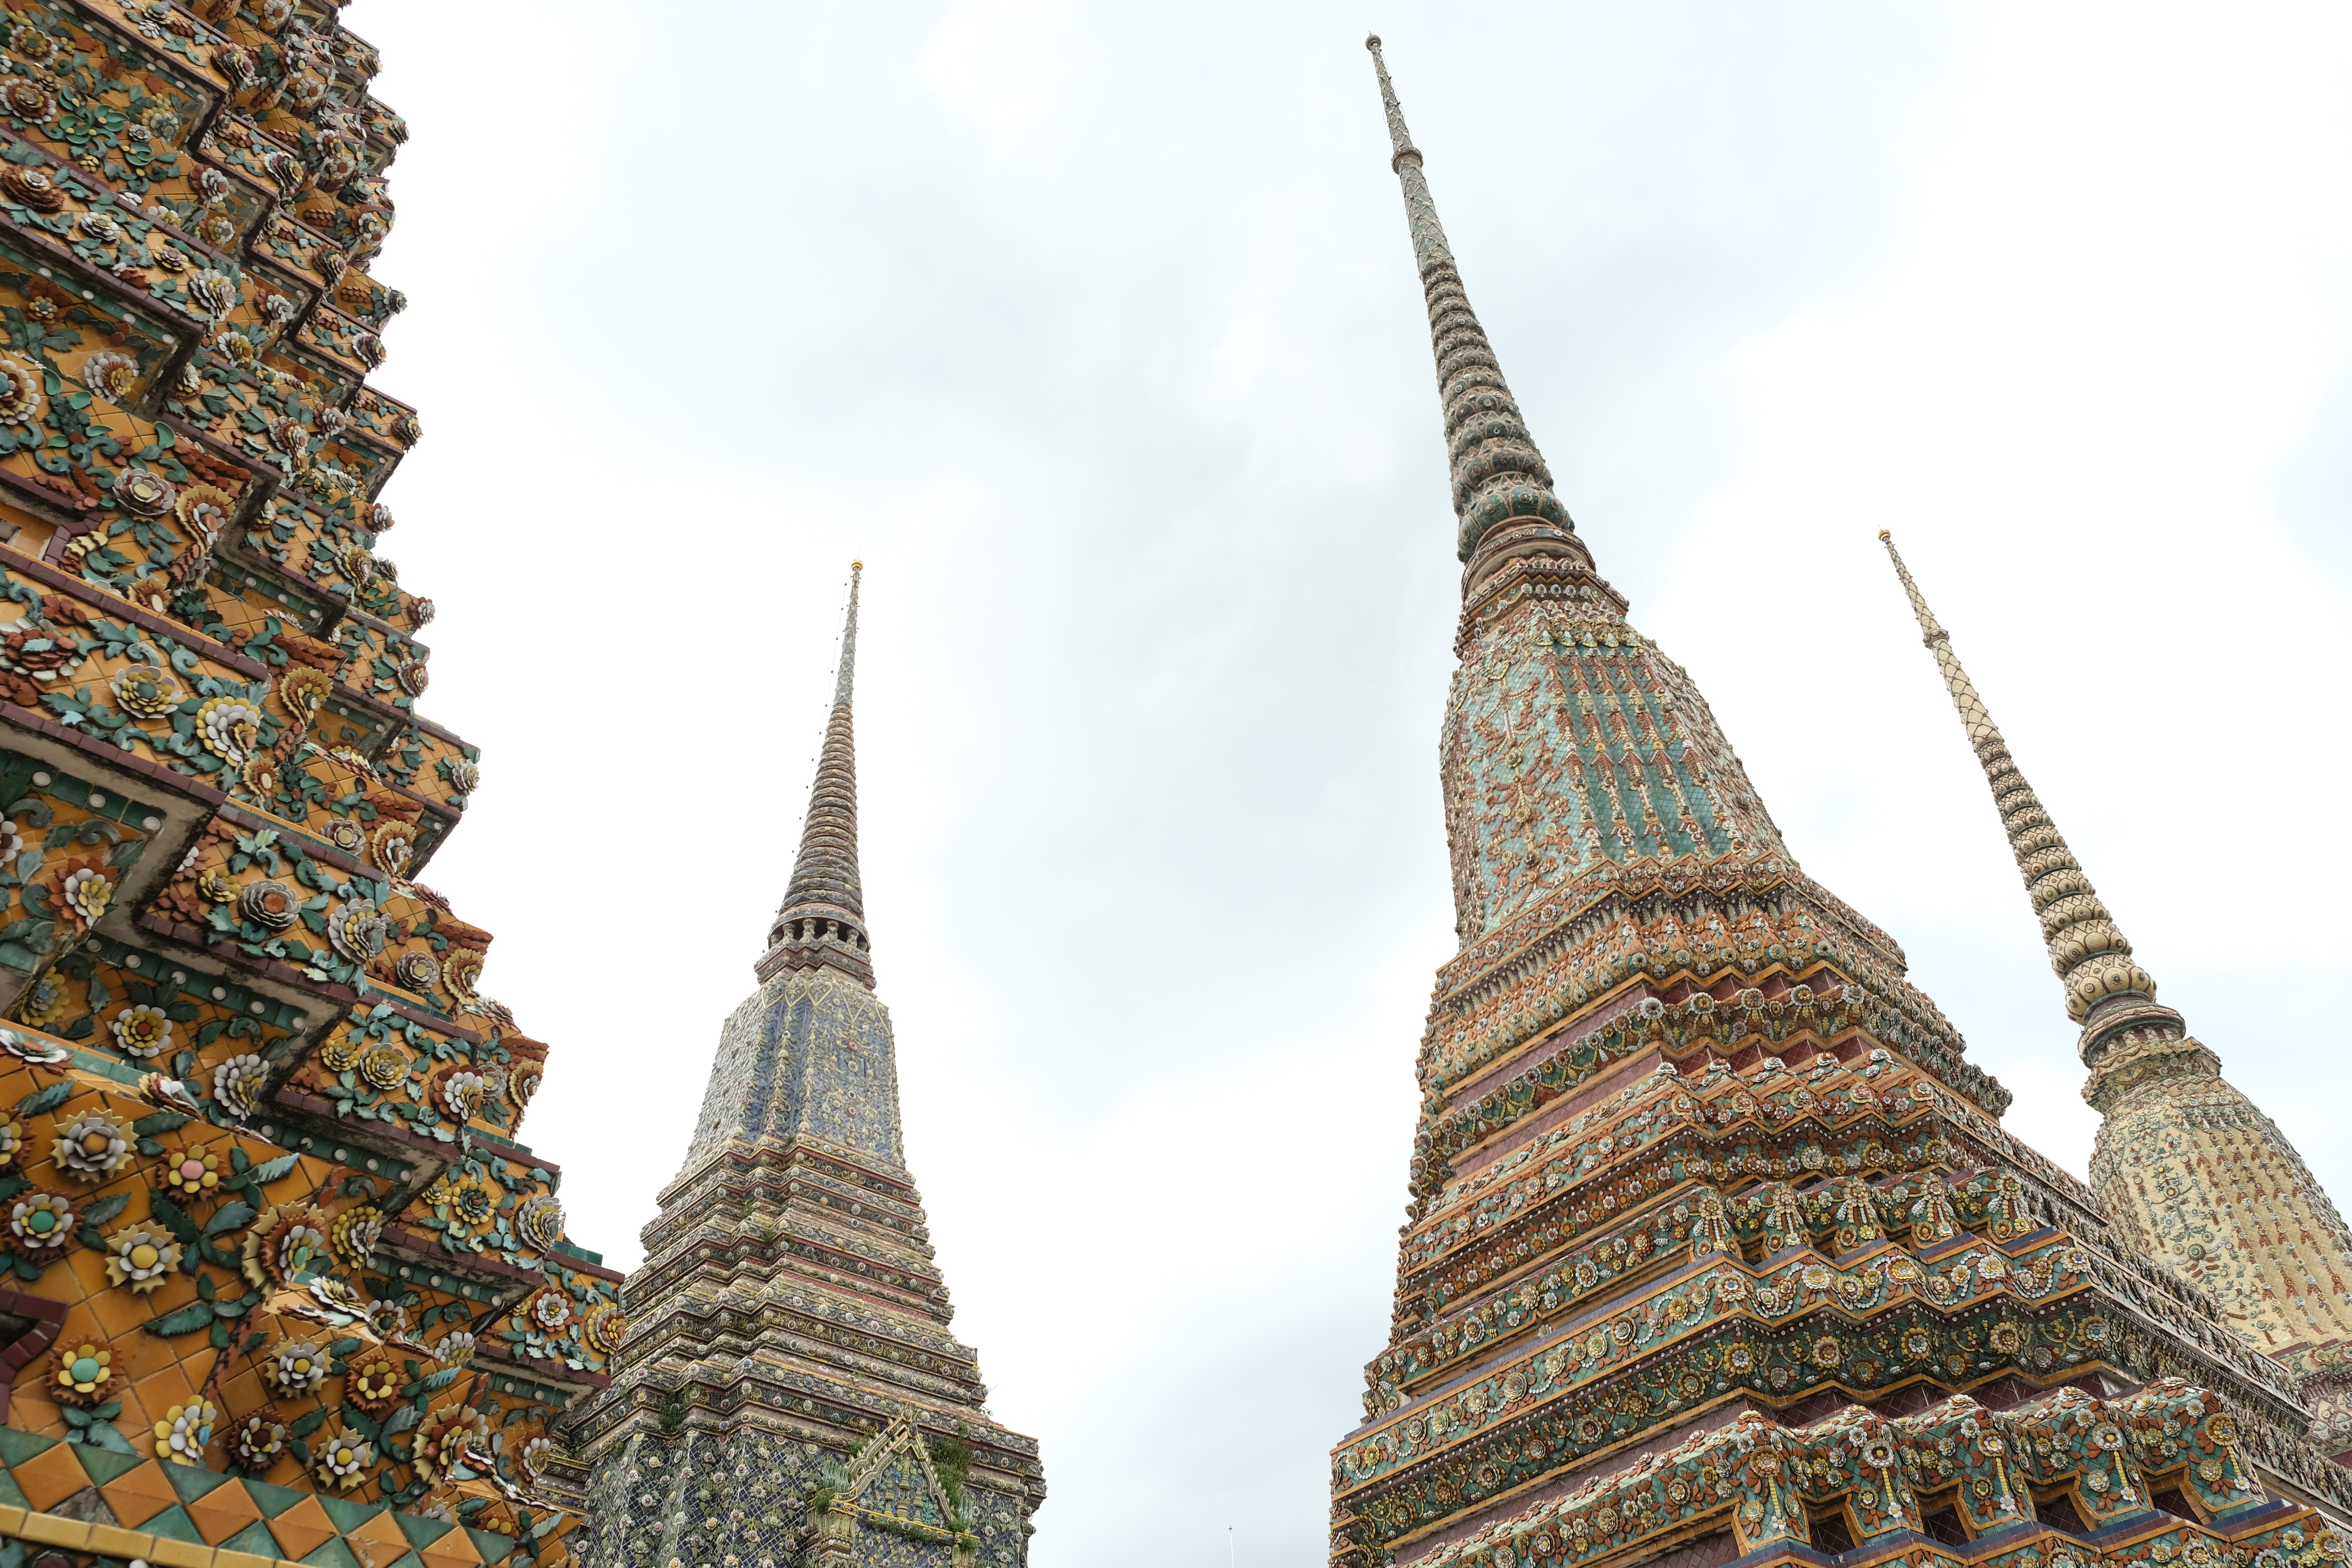 Great Pagodas of Four Kings Wat Pho Bangkok Thailand